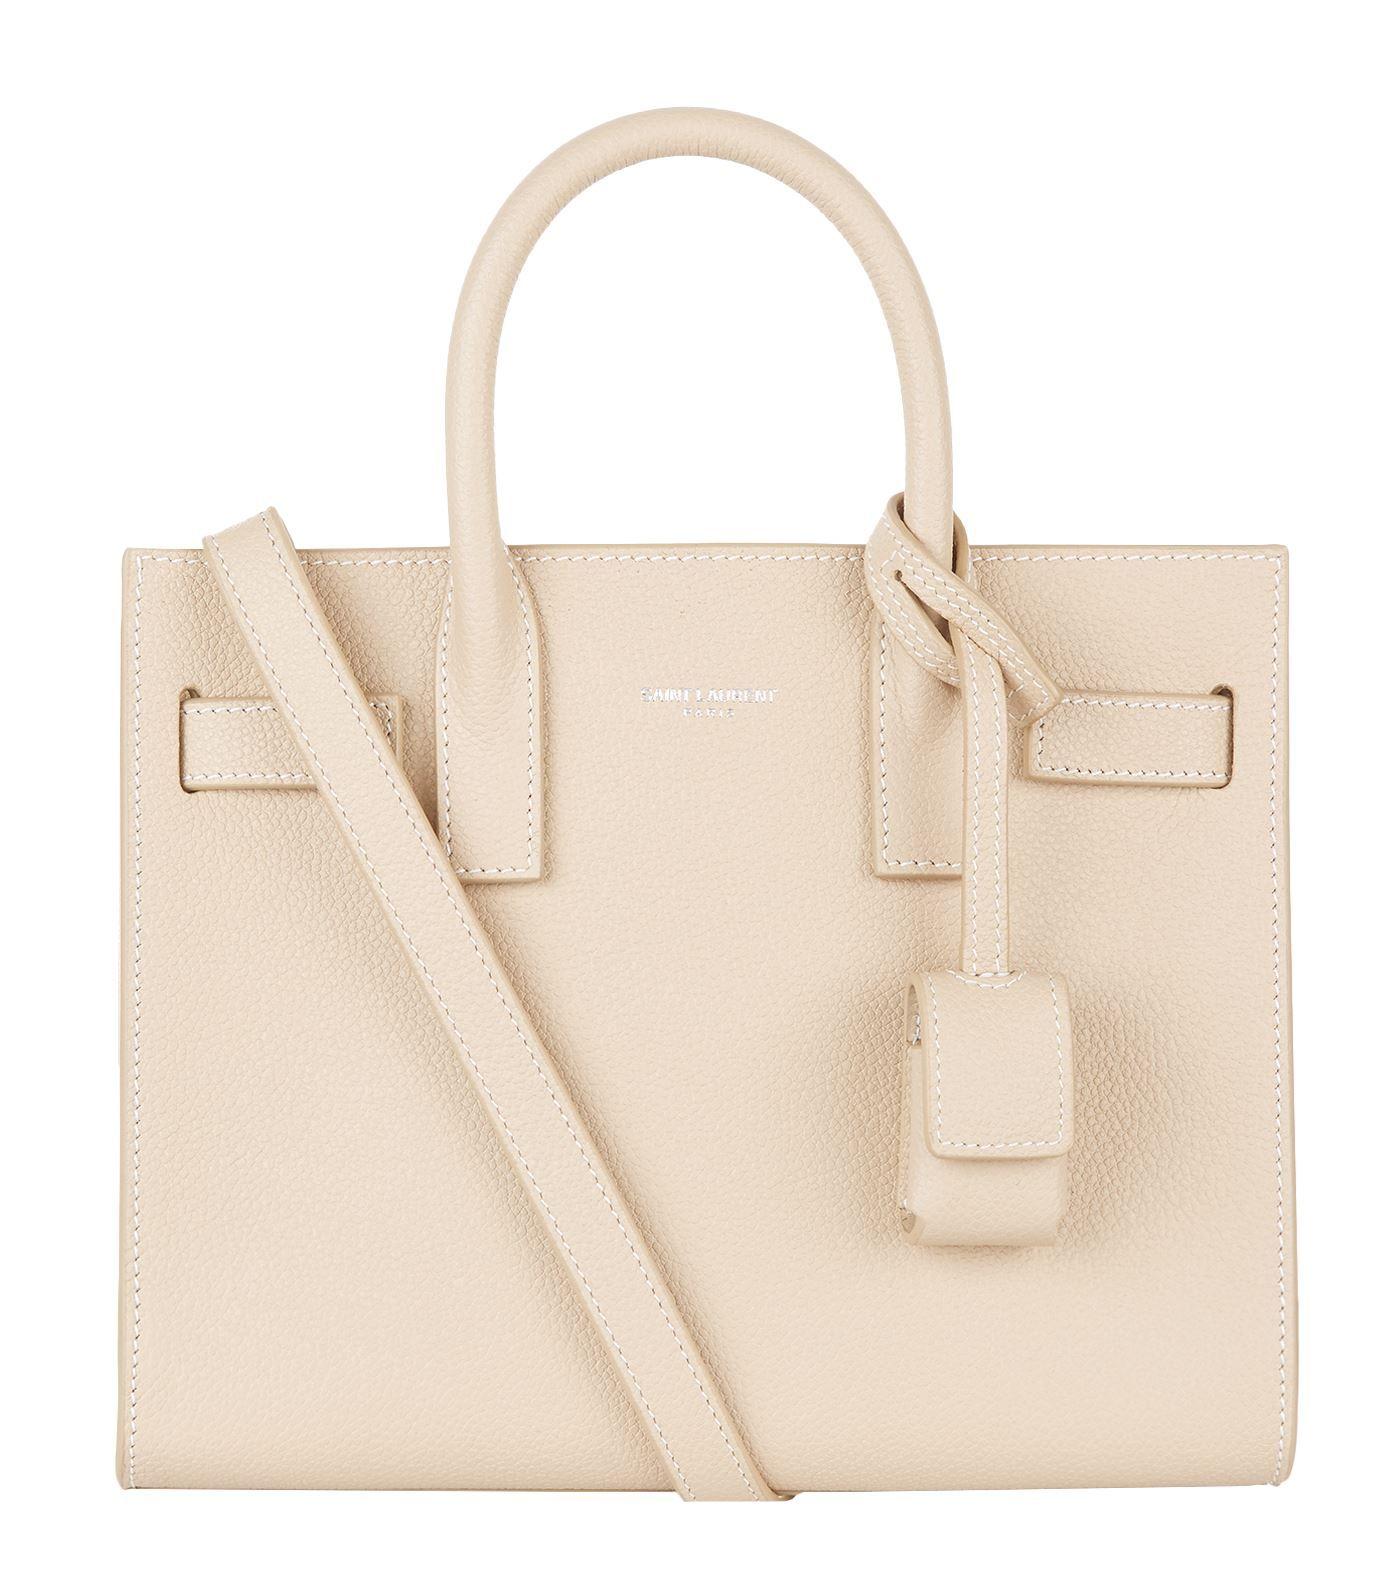 1fc3a17d47 SAINT LAURENT .  saintlaurent  bags  leather  hand bags